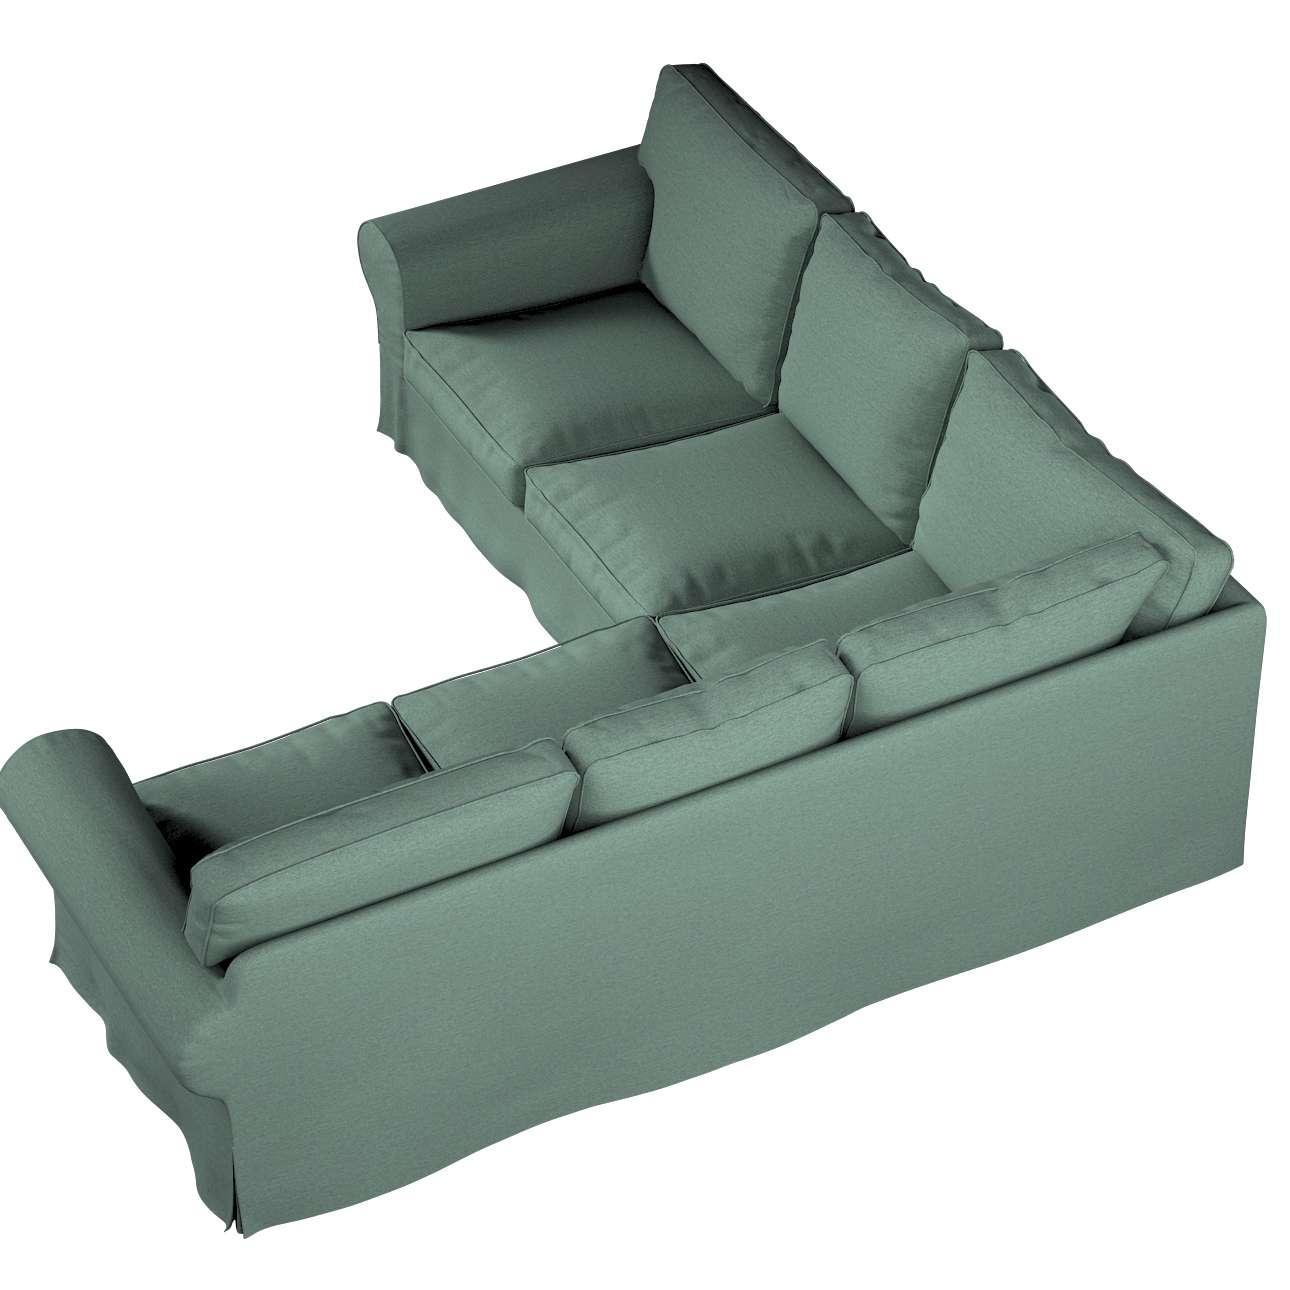 Pokrowiec na sofę narożną Ektorp w kolekcji Madrid, tkanina: 161-89